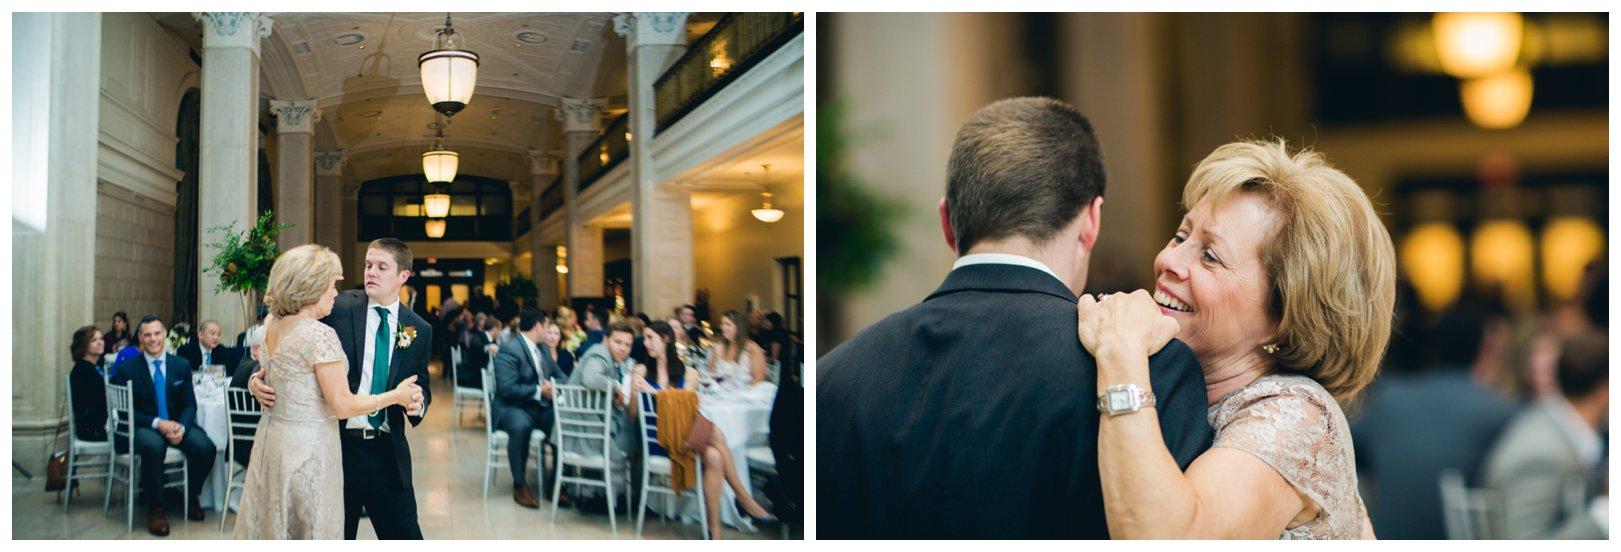 lauren muckler photography_fine art film wedding photography_st louis_photography_2455.jpg